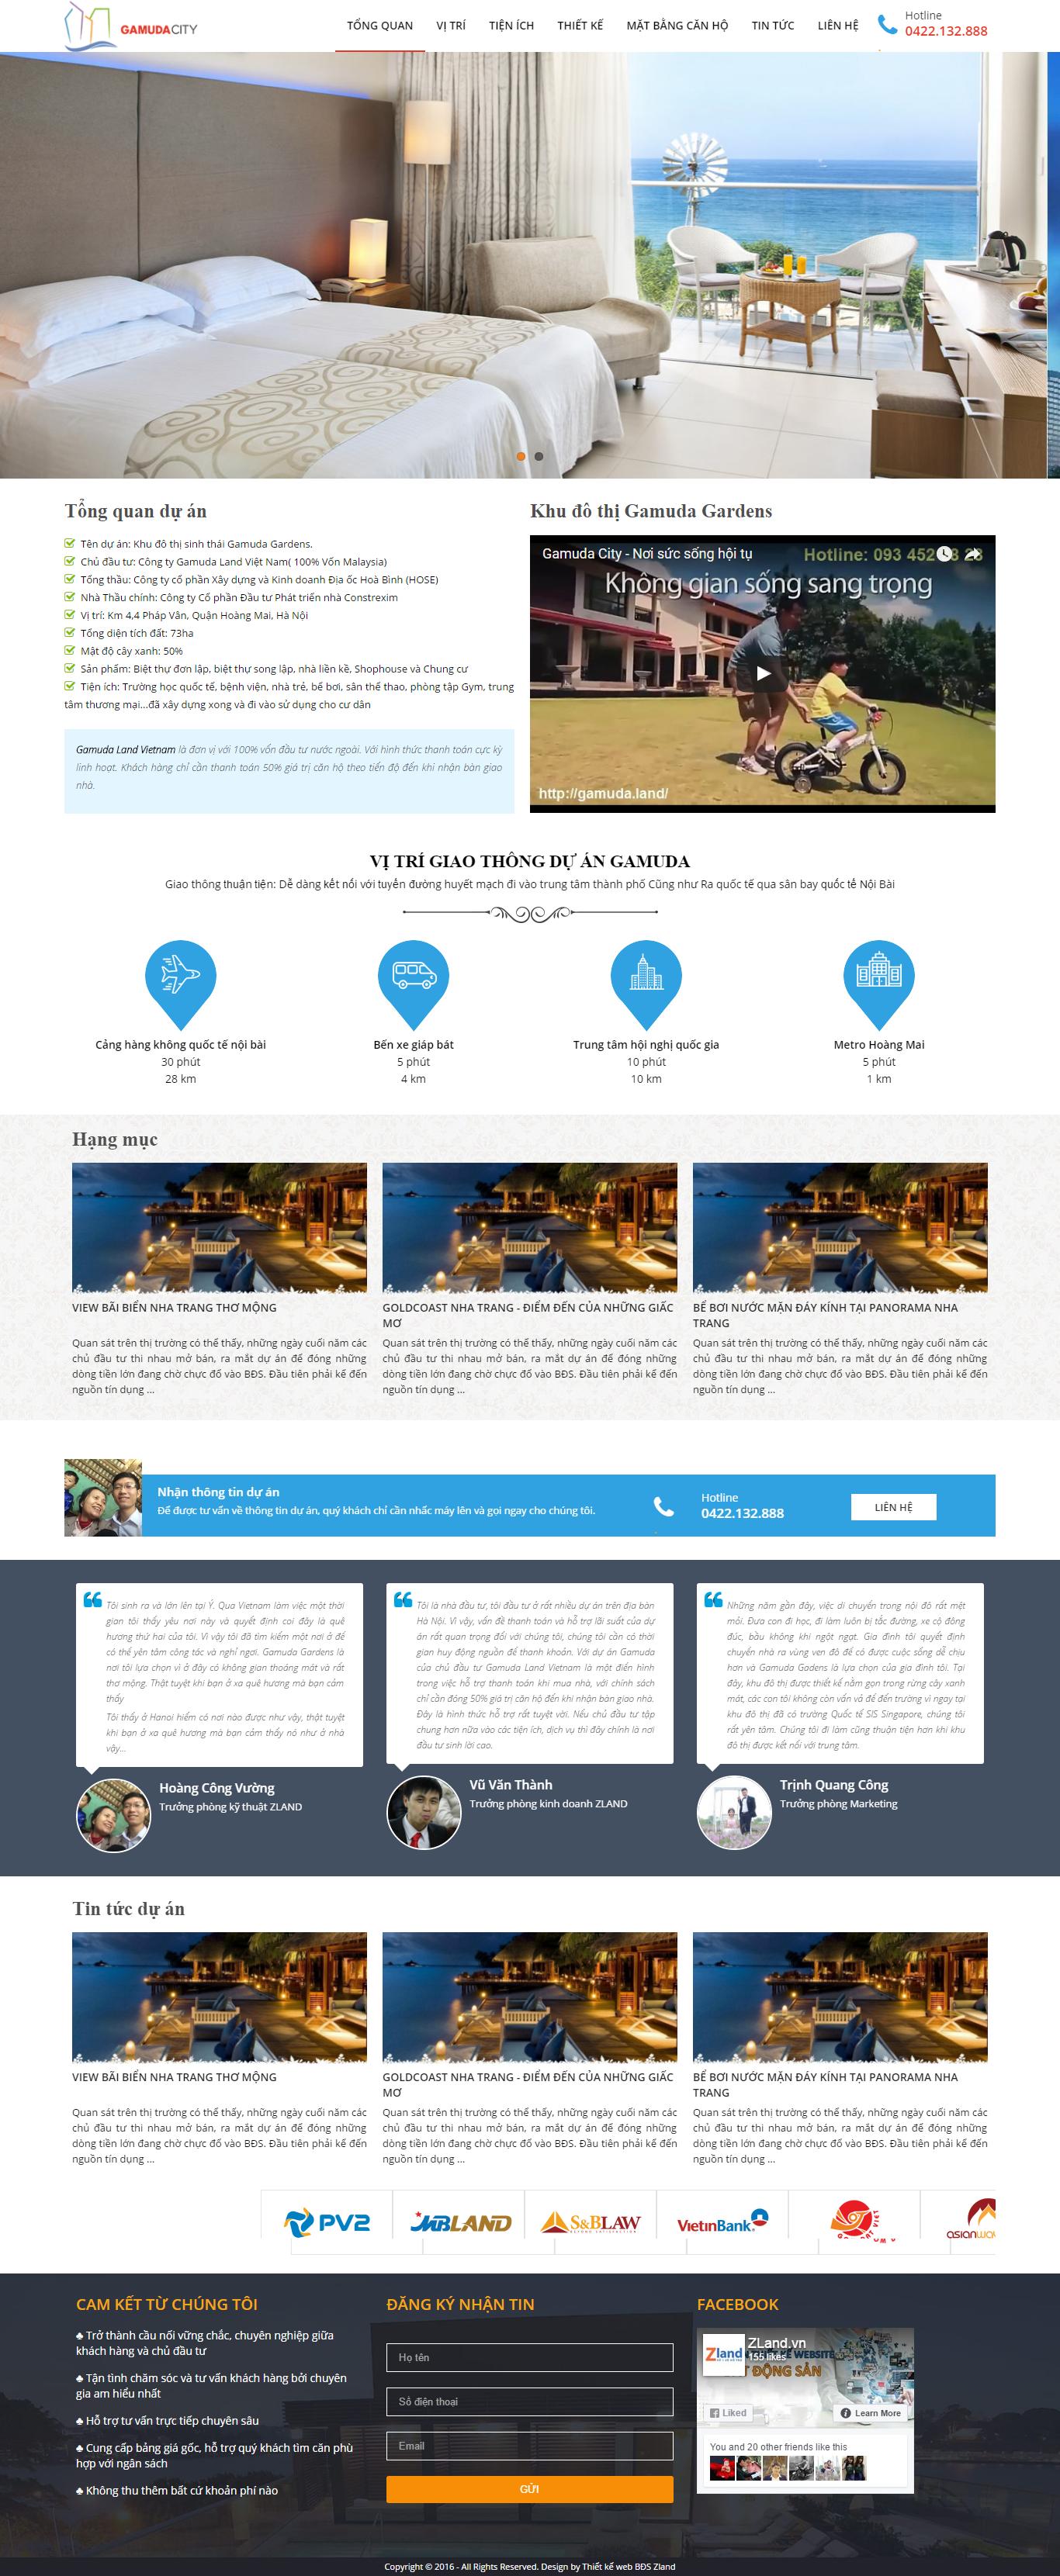 Giao diện website Bất động sản Z - 119